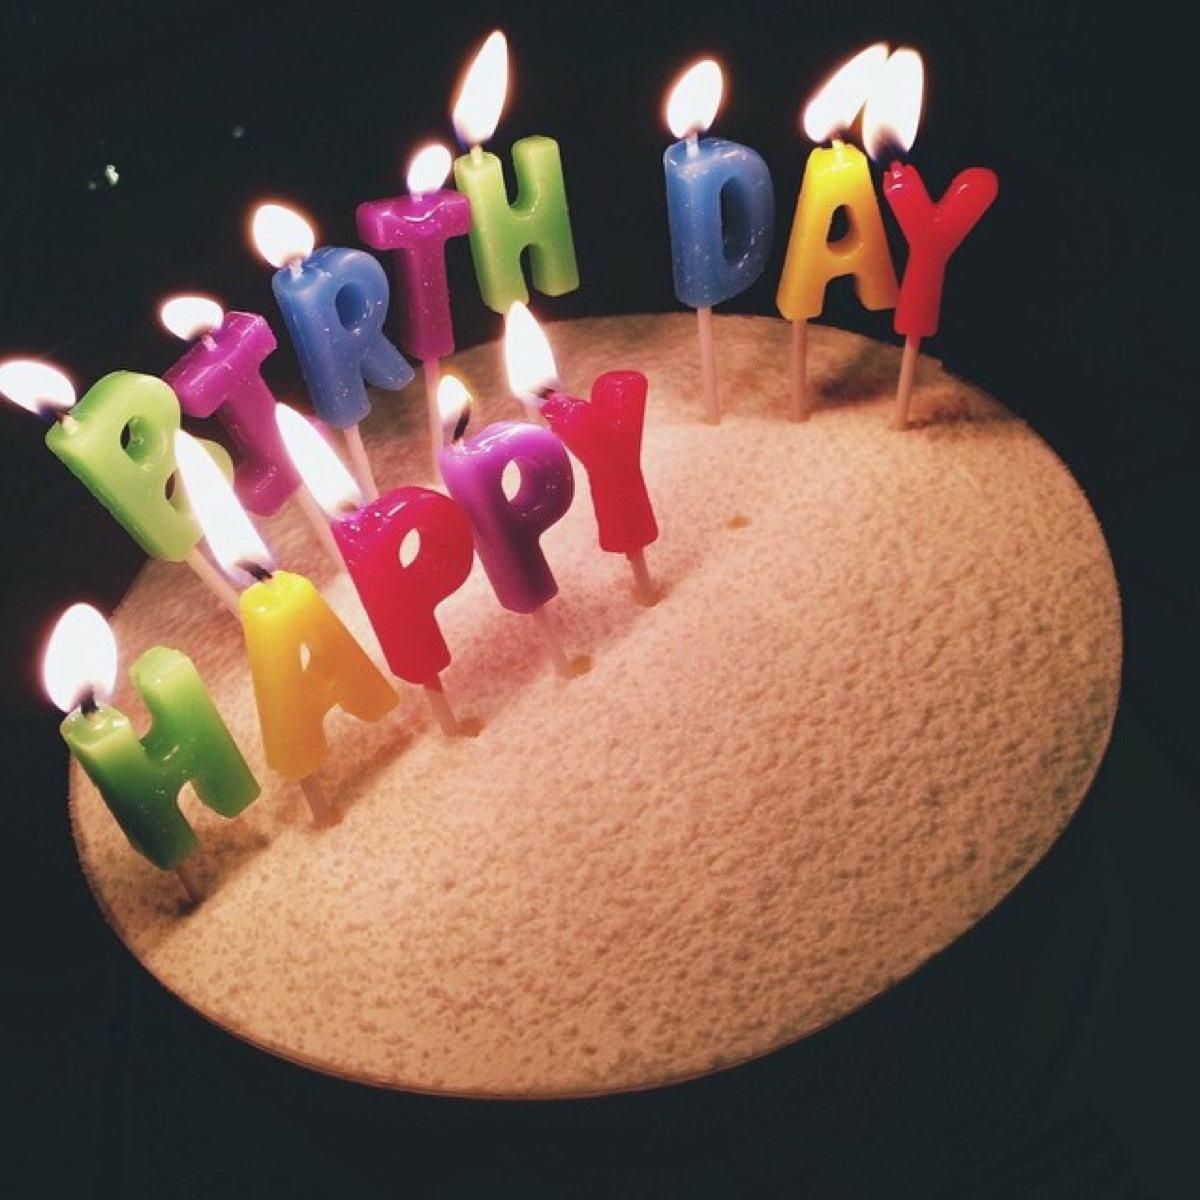 好朋友18岁生日祝福语成年问候祝福大全